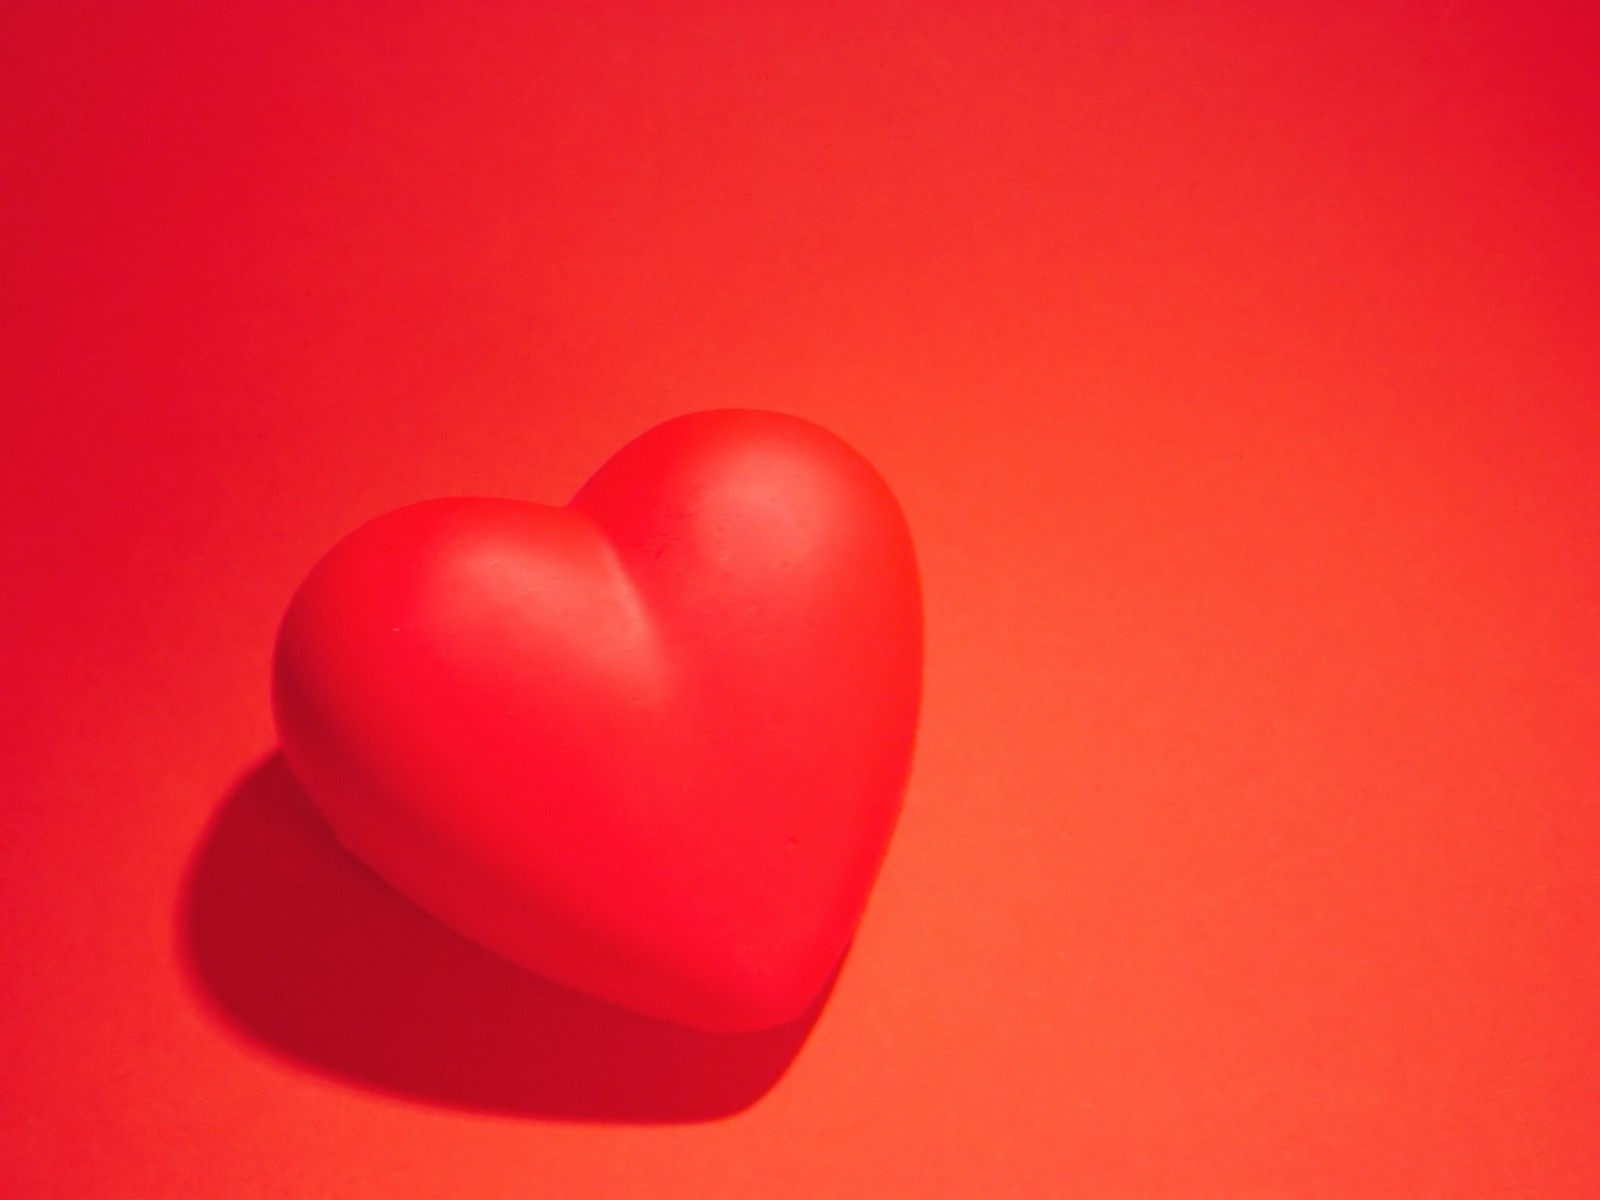 красное сердце на красном фоне, скачать фото, обои для рабочего стола